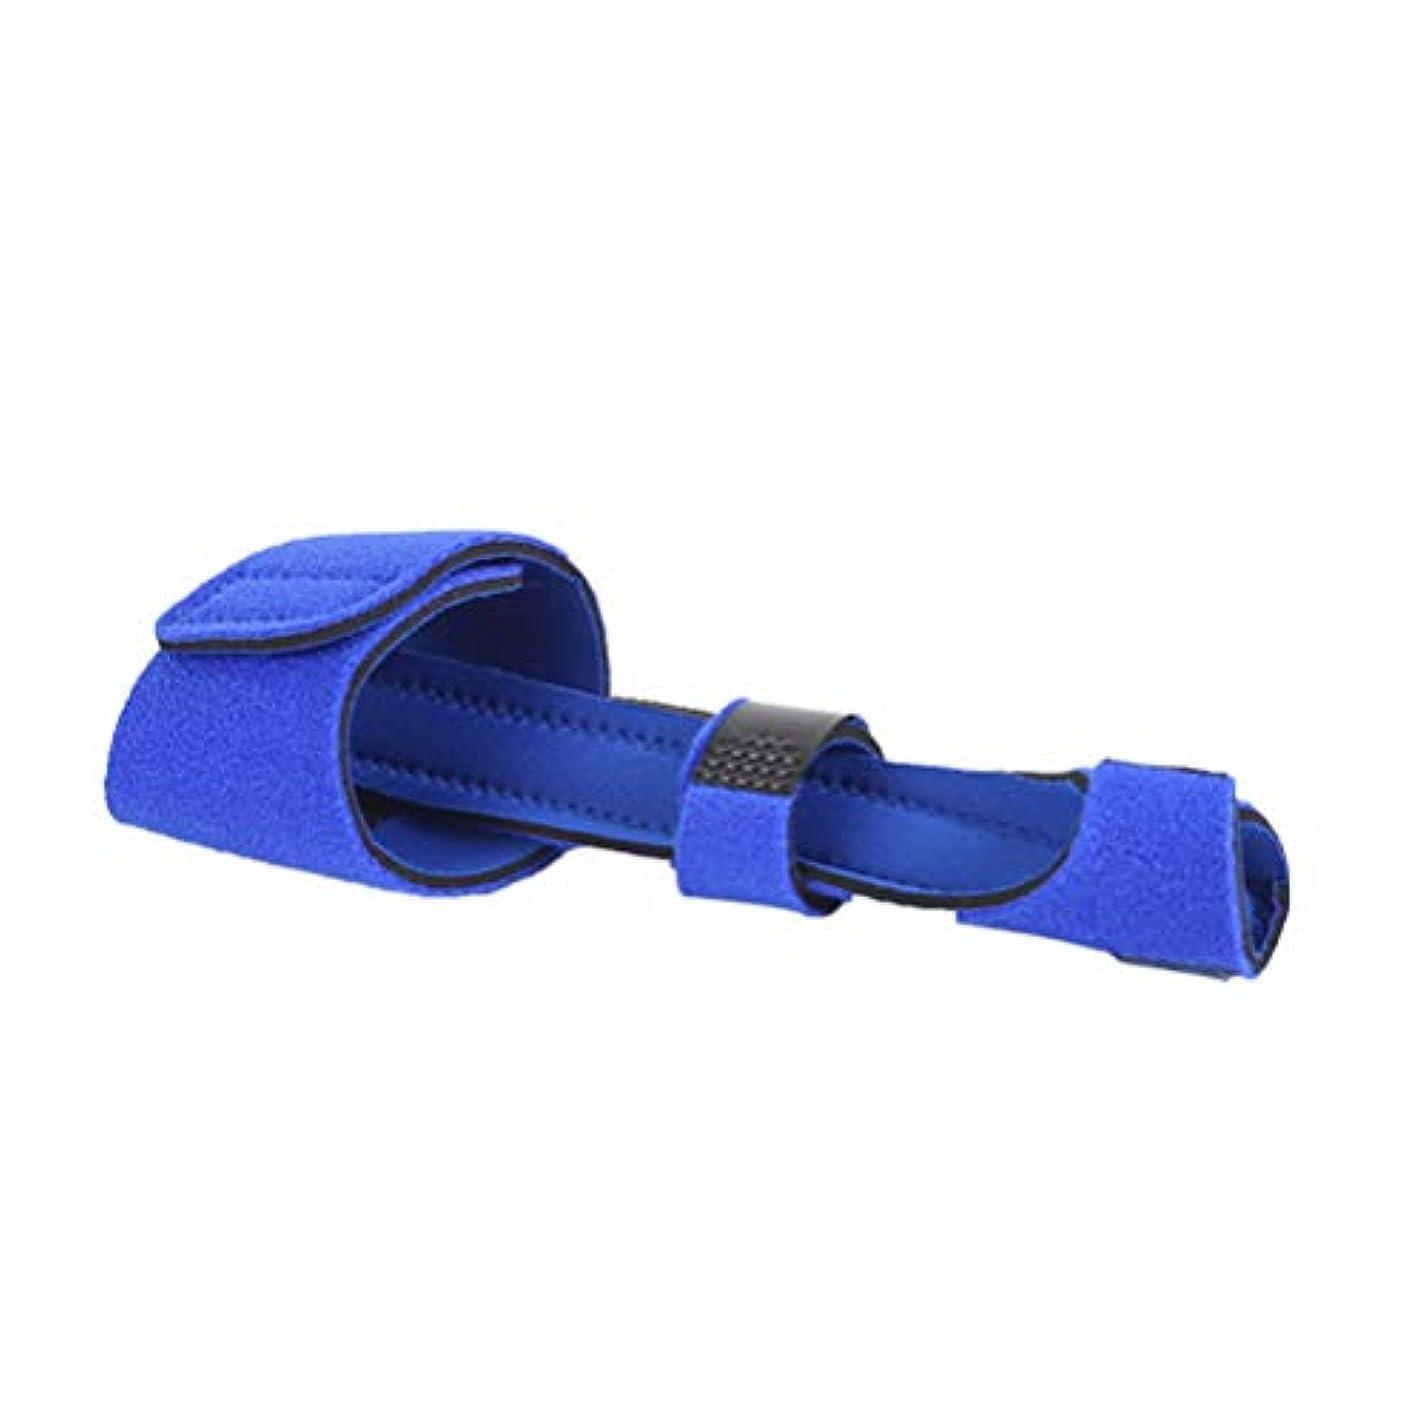 管理します持続する神社Healifty フィンガージョイントコレクター骨折固定スプリントフィンガーエクステンションスプリント可動矯正スリーブ(青)